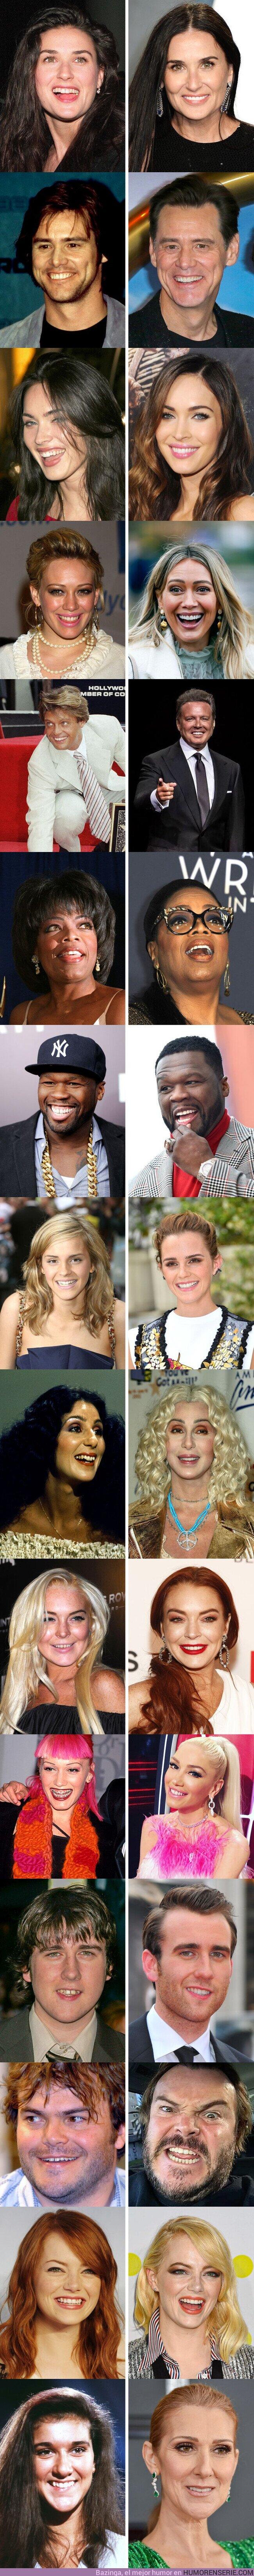 68505 - GALERÍA: Mira cómo cambió la sonrisa de estos 15 famosos luego de que arreglaron sus dientes (nueva edición)